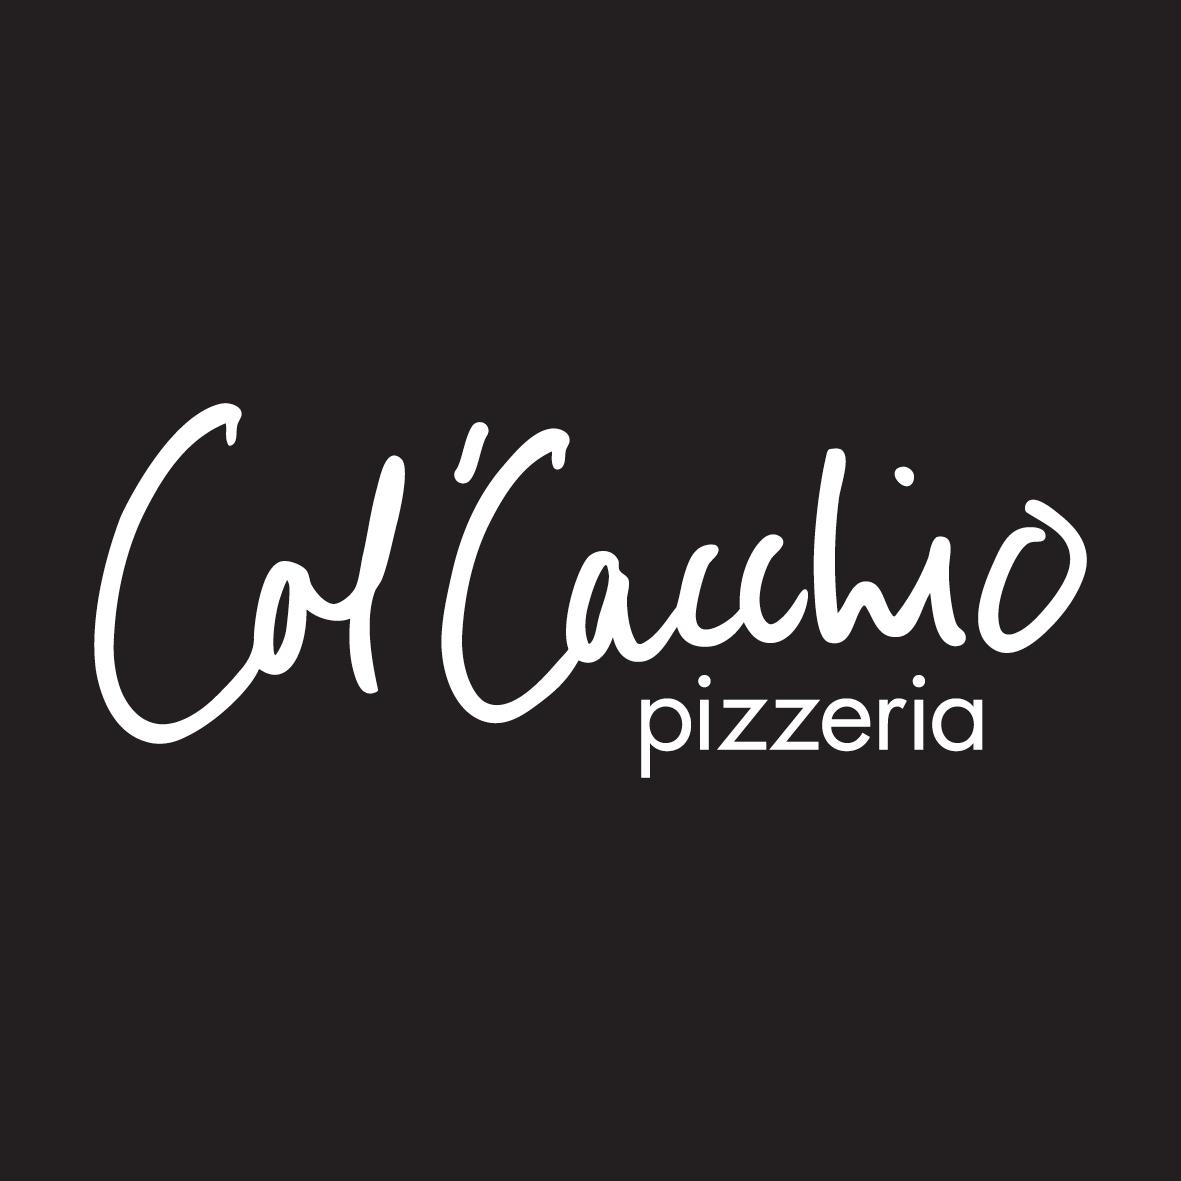 Col Cacchio